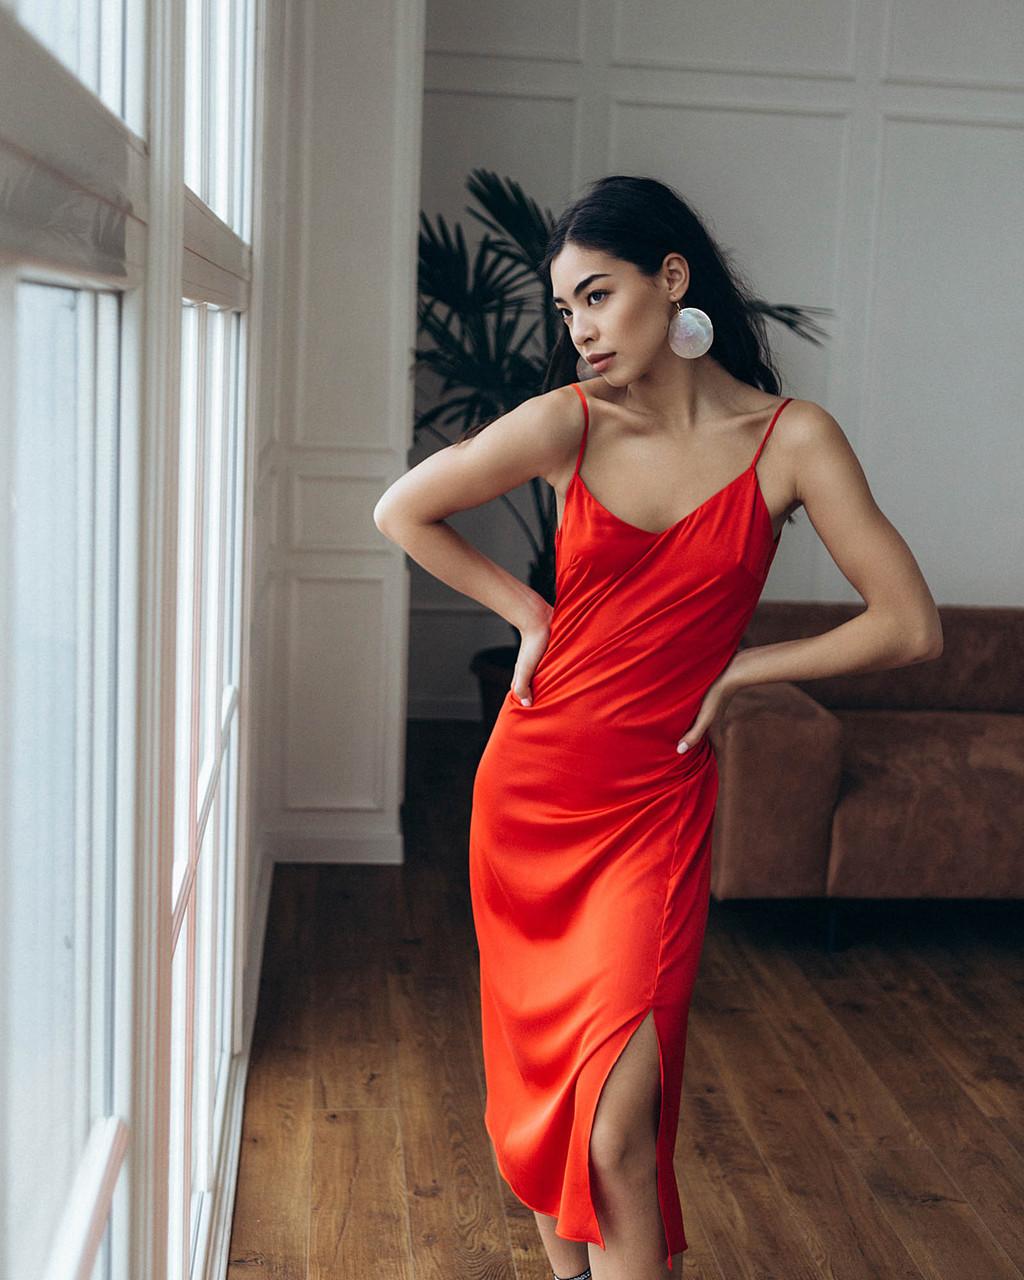 Шелковое платье женское длинное красное в бельевом стиле от бренда Тур, размеры: S, M, L TURWEAR